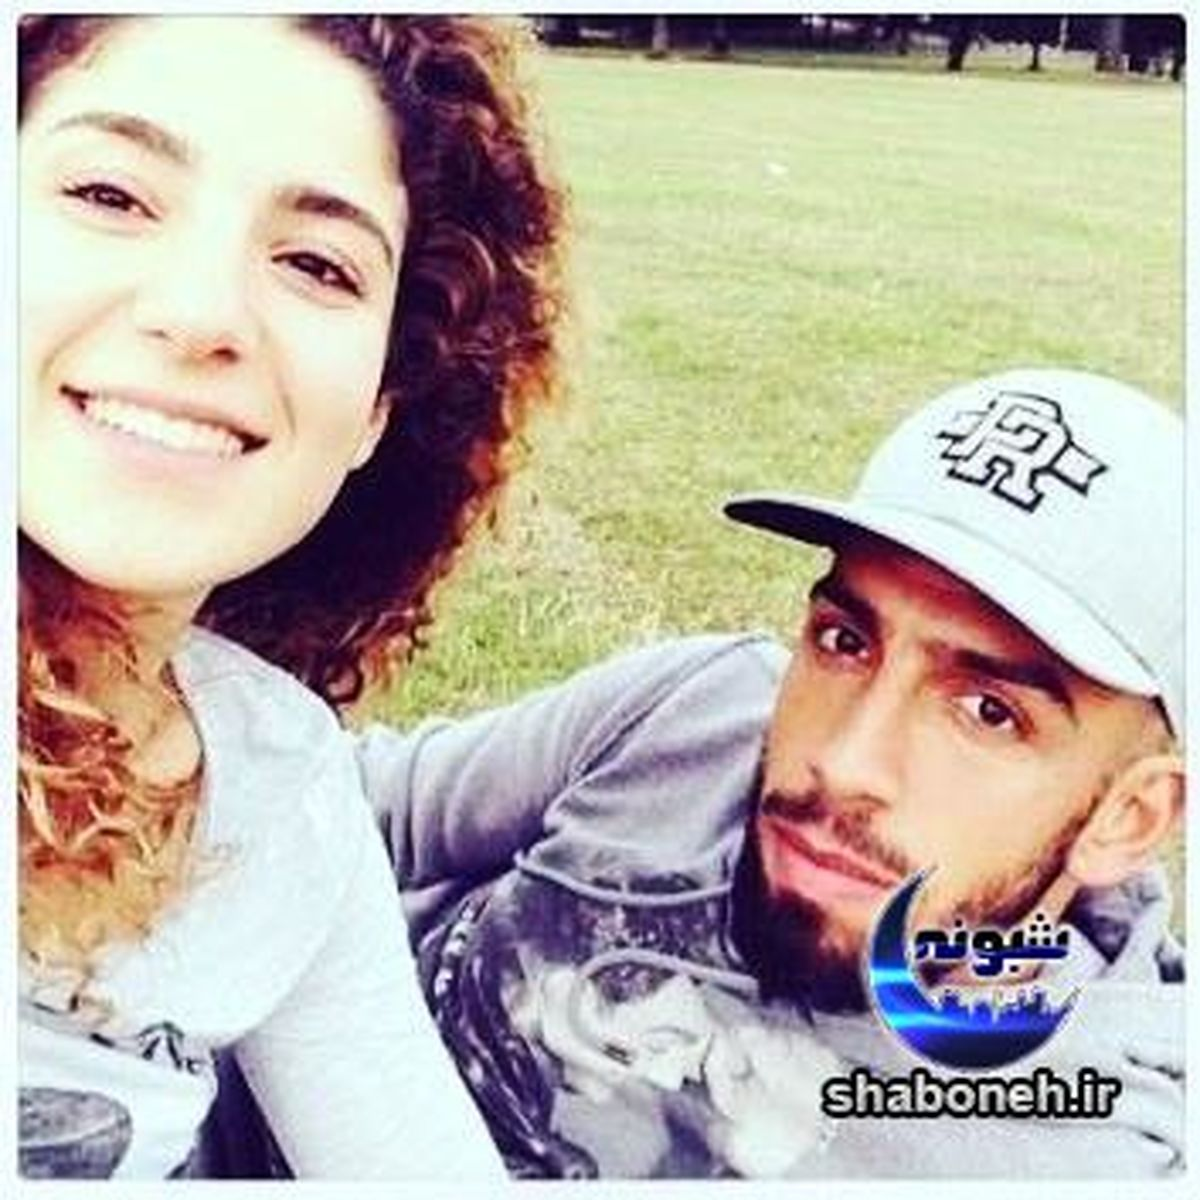 اشکان دژاگه در آغوش همسرش + عکس